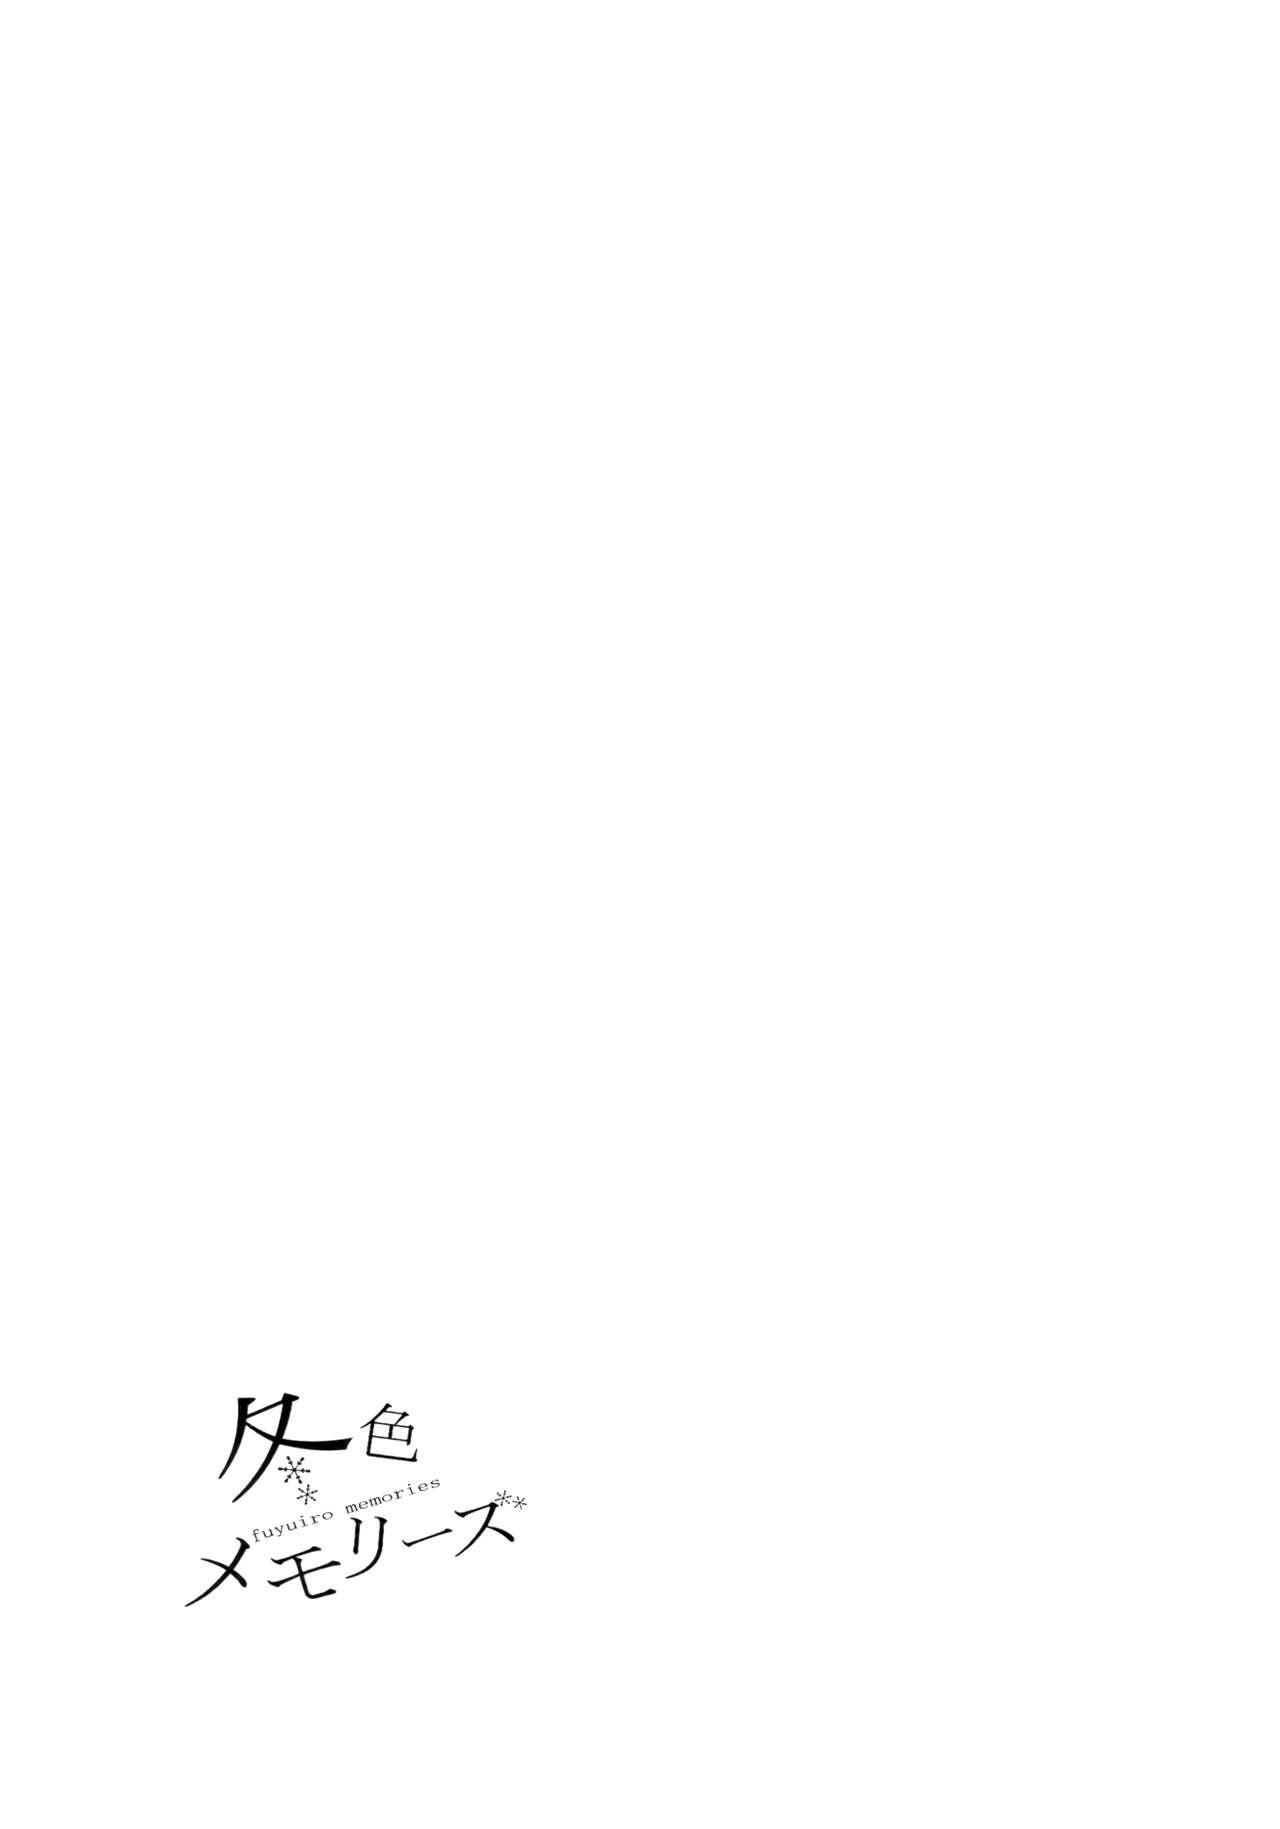 Fuyuiro Memories - Winter Color Memories 233